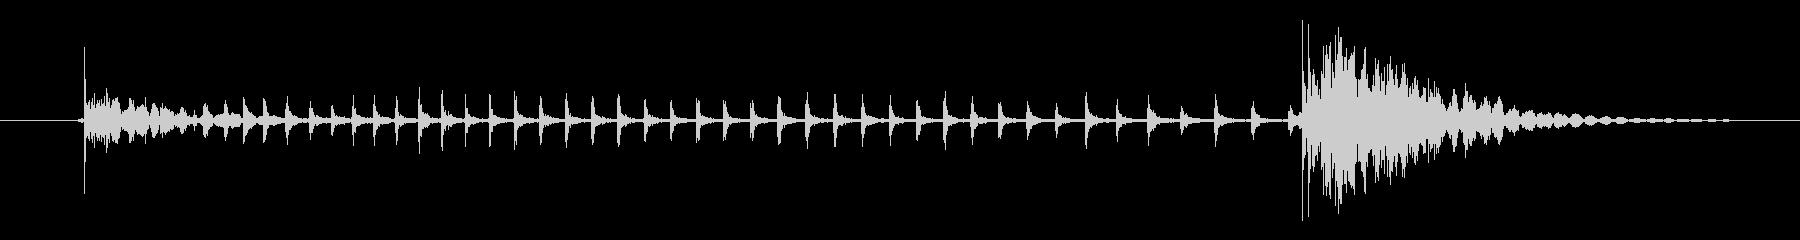 BMX バイクランプフライランド03の未再生の波形